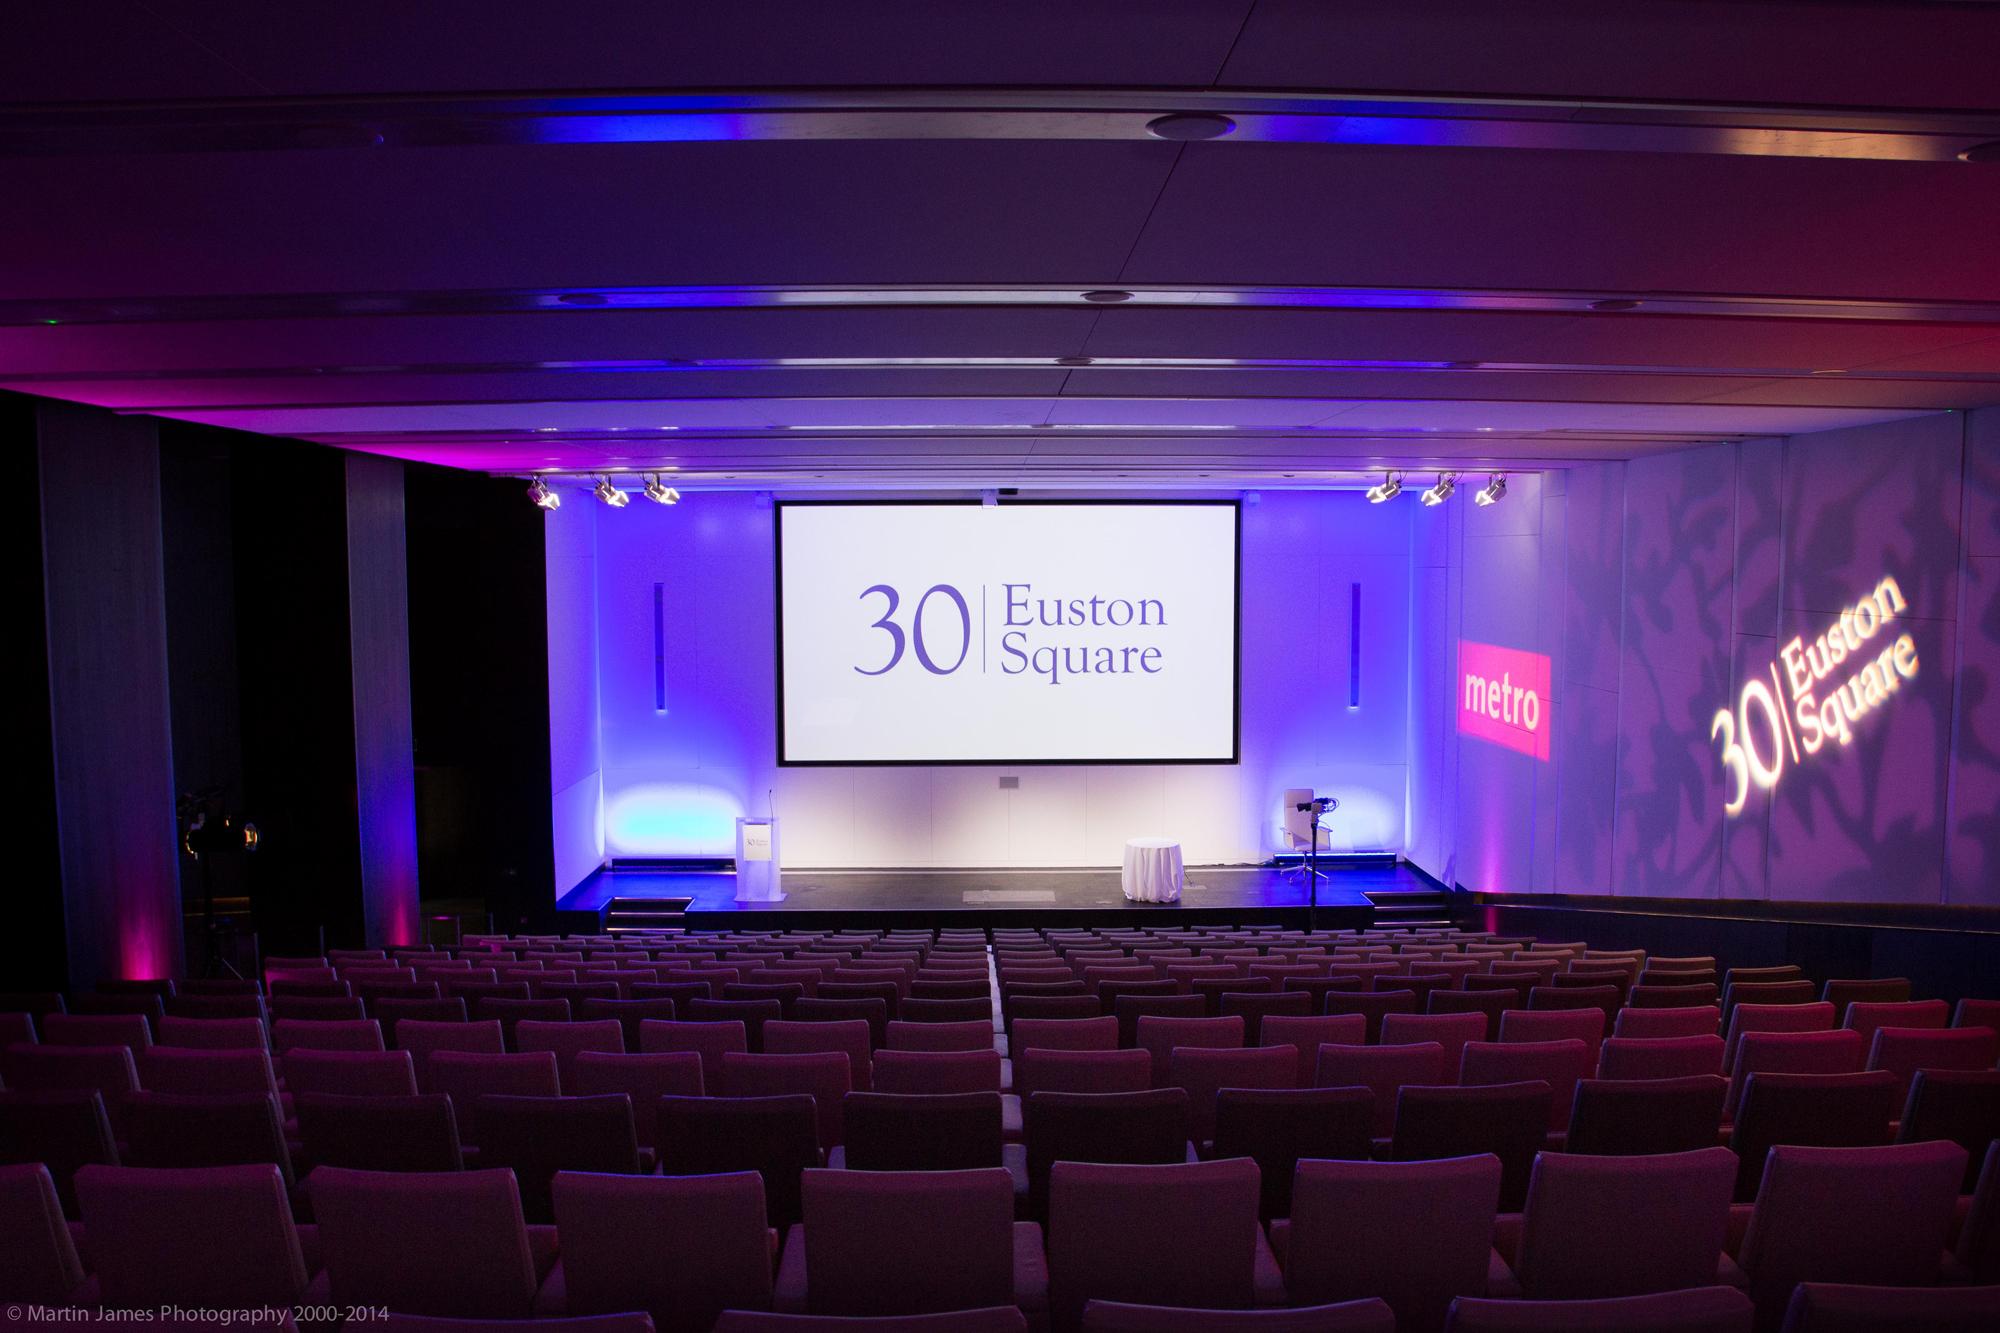 30 Euston Square - venue hire